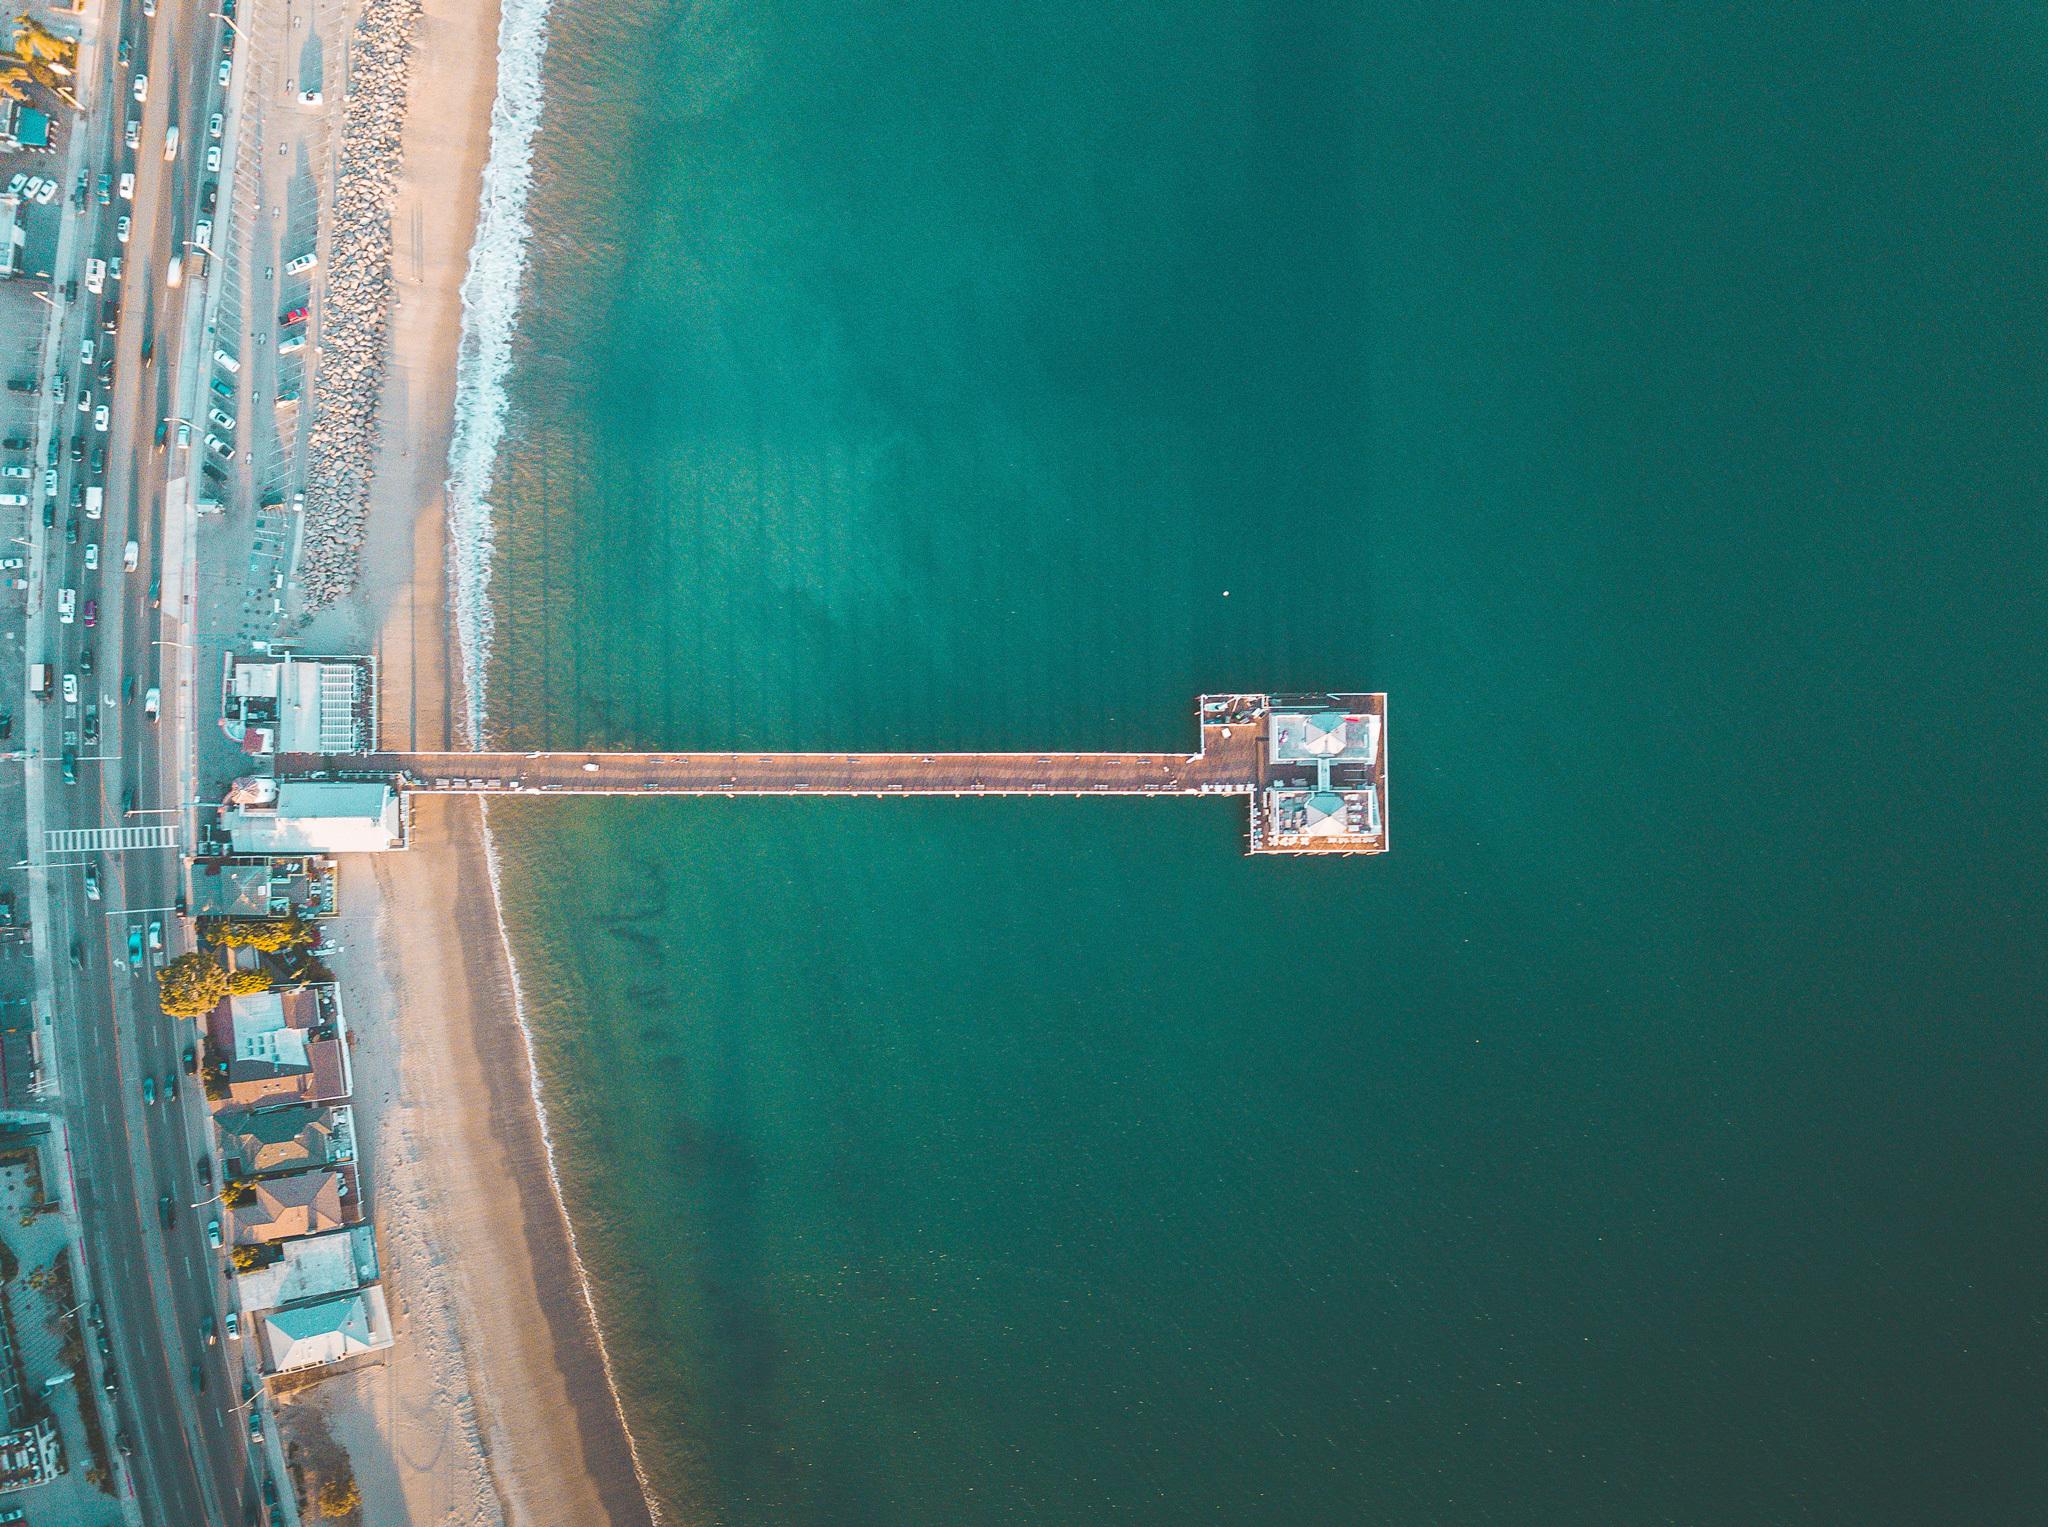 Malibu Pier, Surfrider Beach